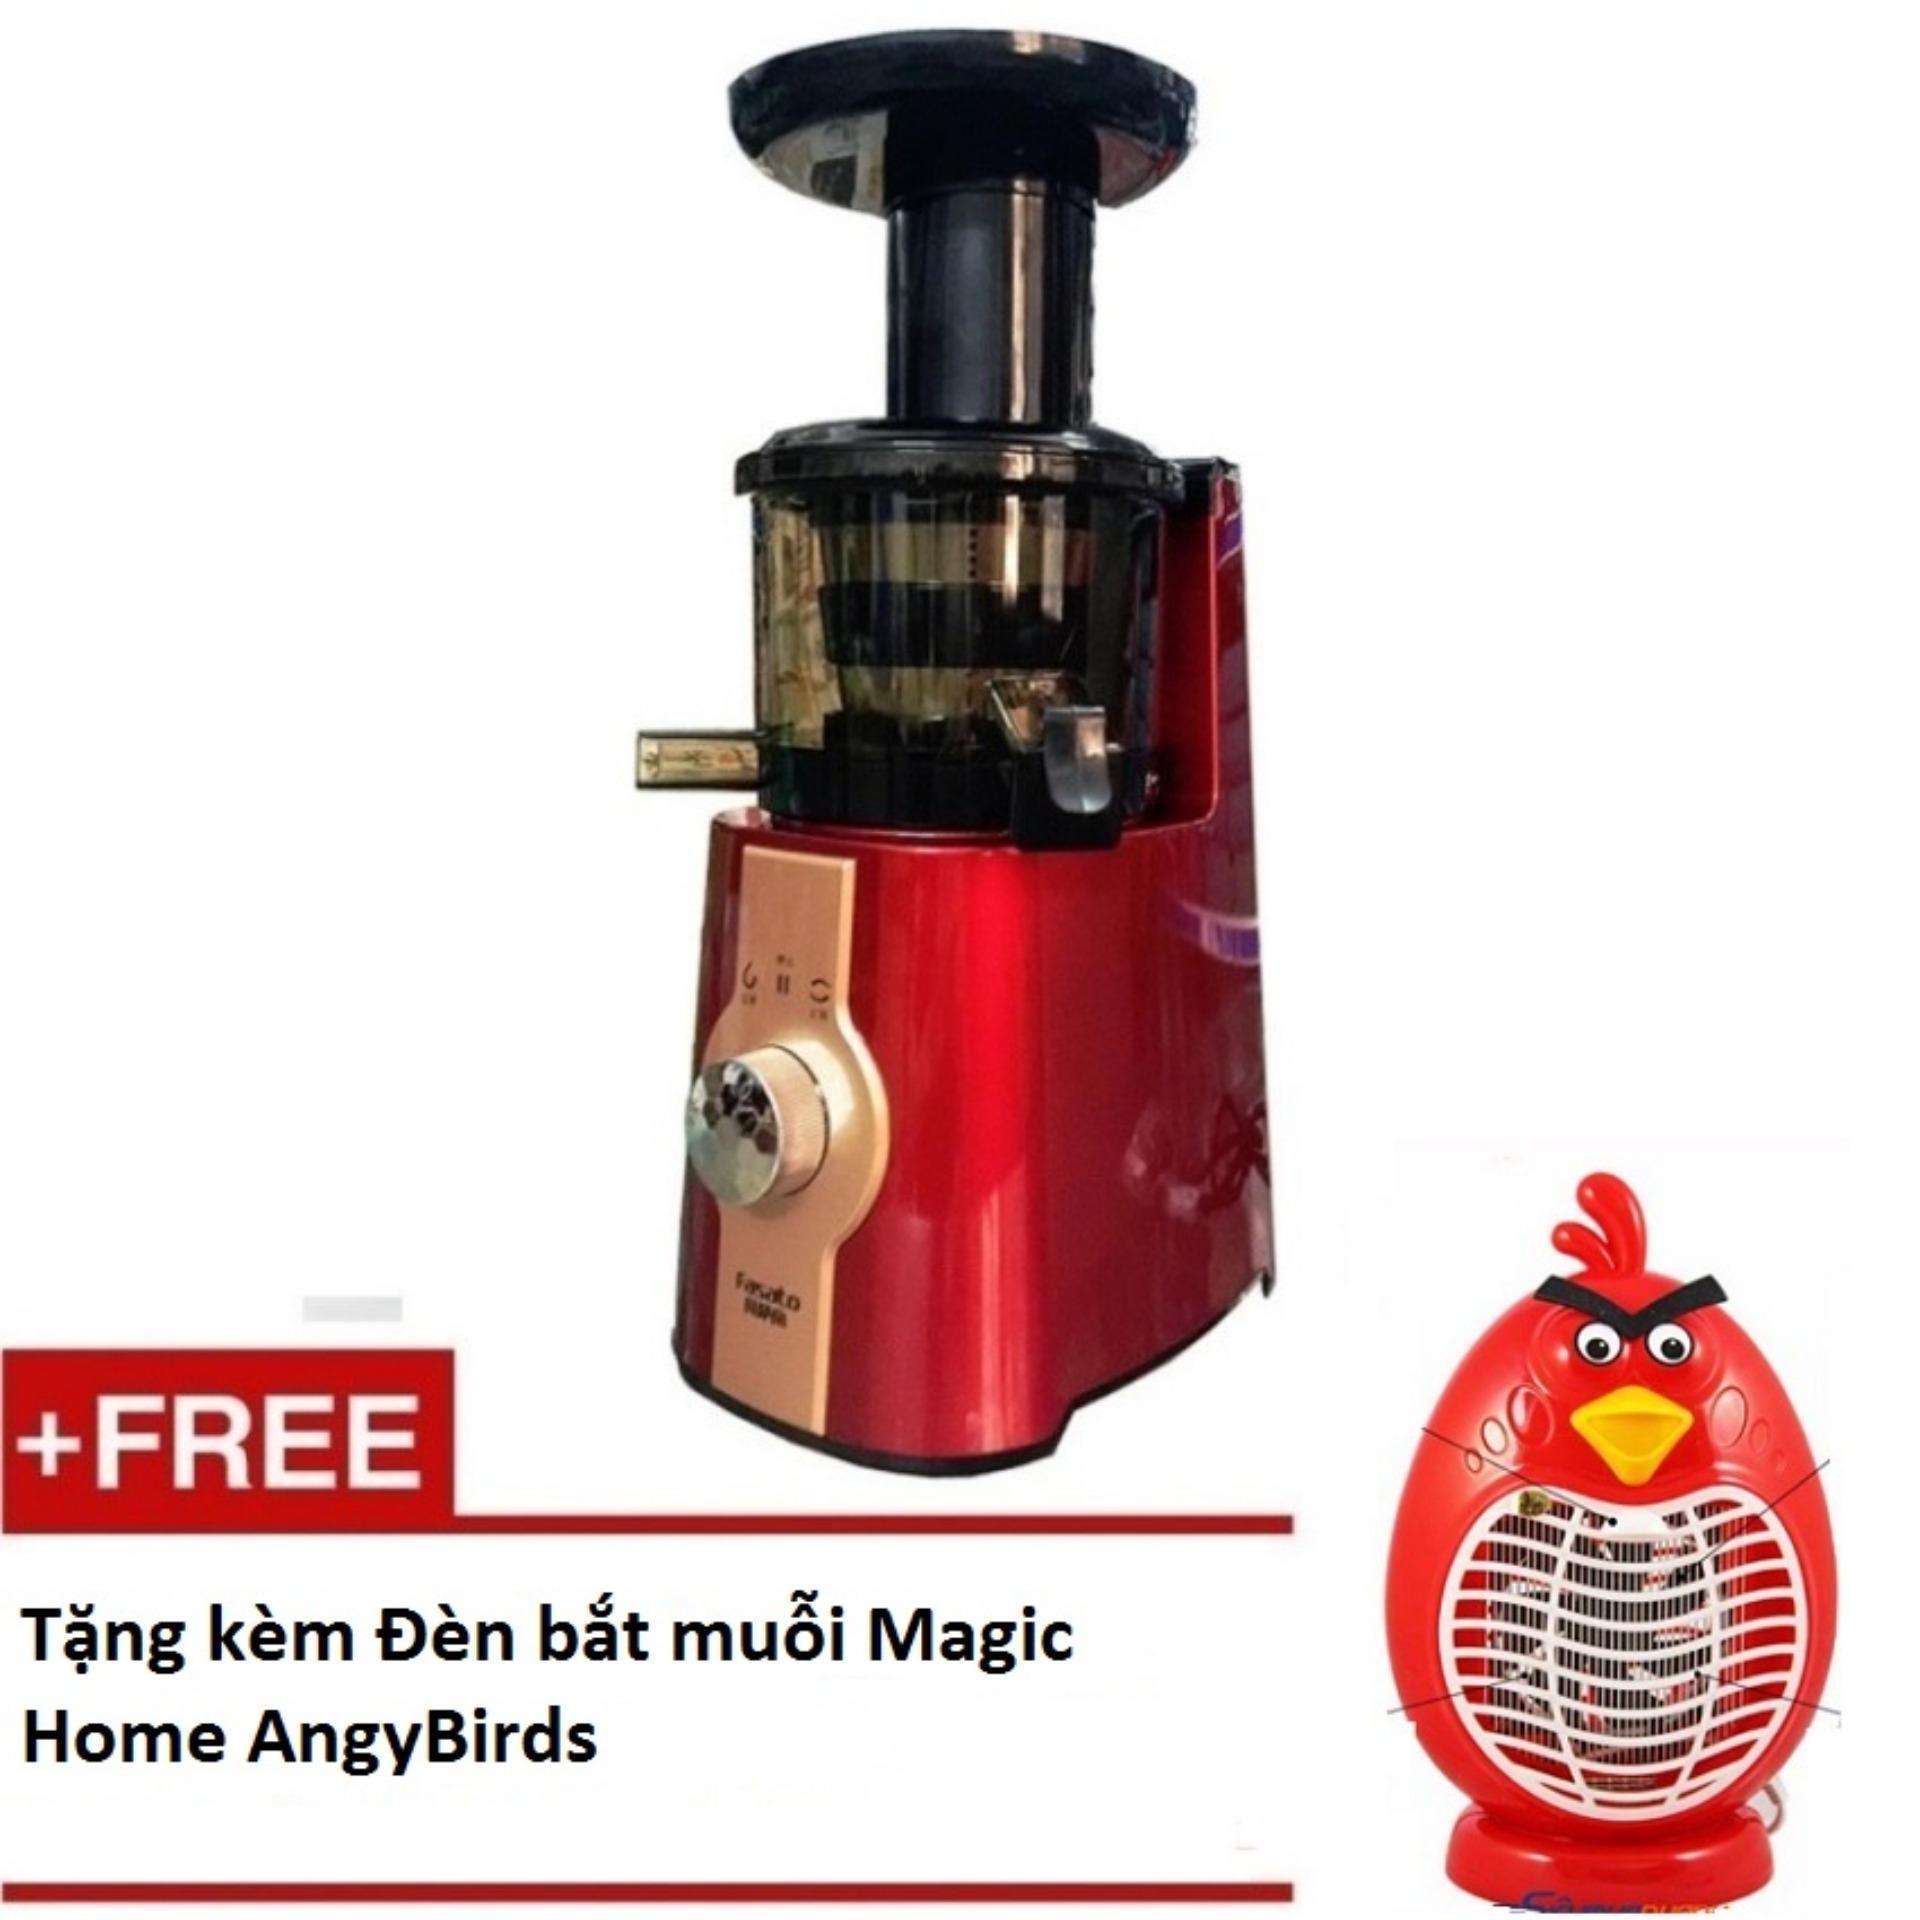 Máy ép tốc độ chậm trục vít cao cấp Fasato tặng kèm Đèn bắt muỗi Magic Home AngyBirds